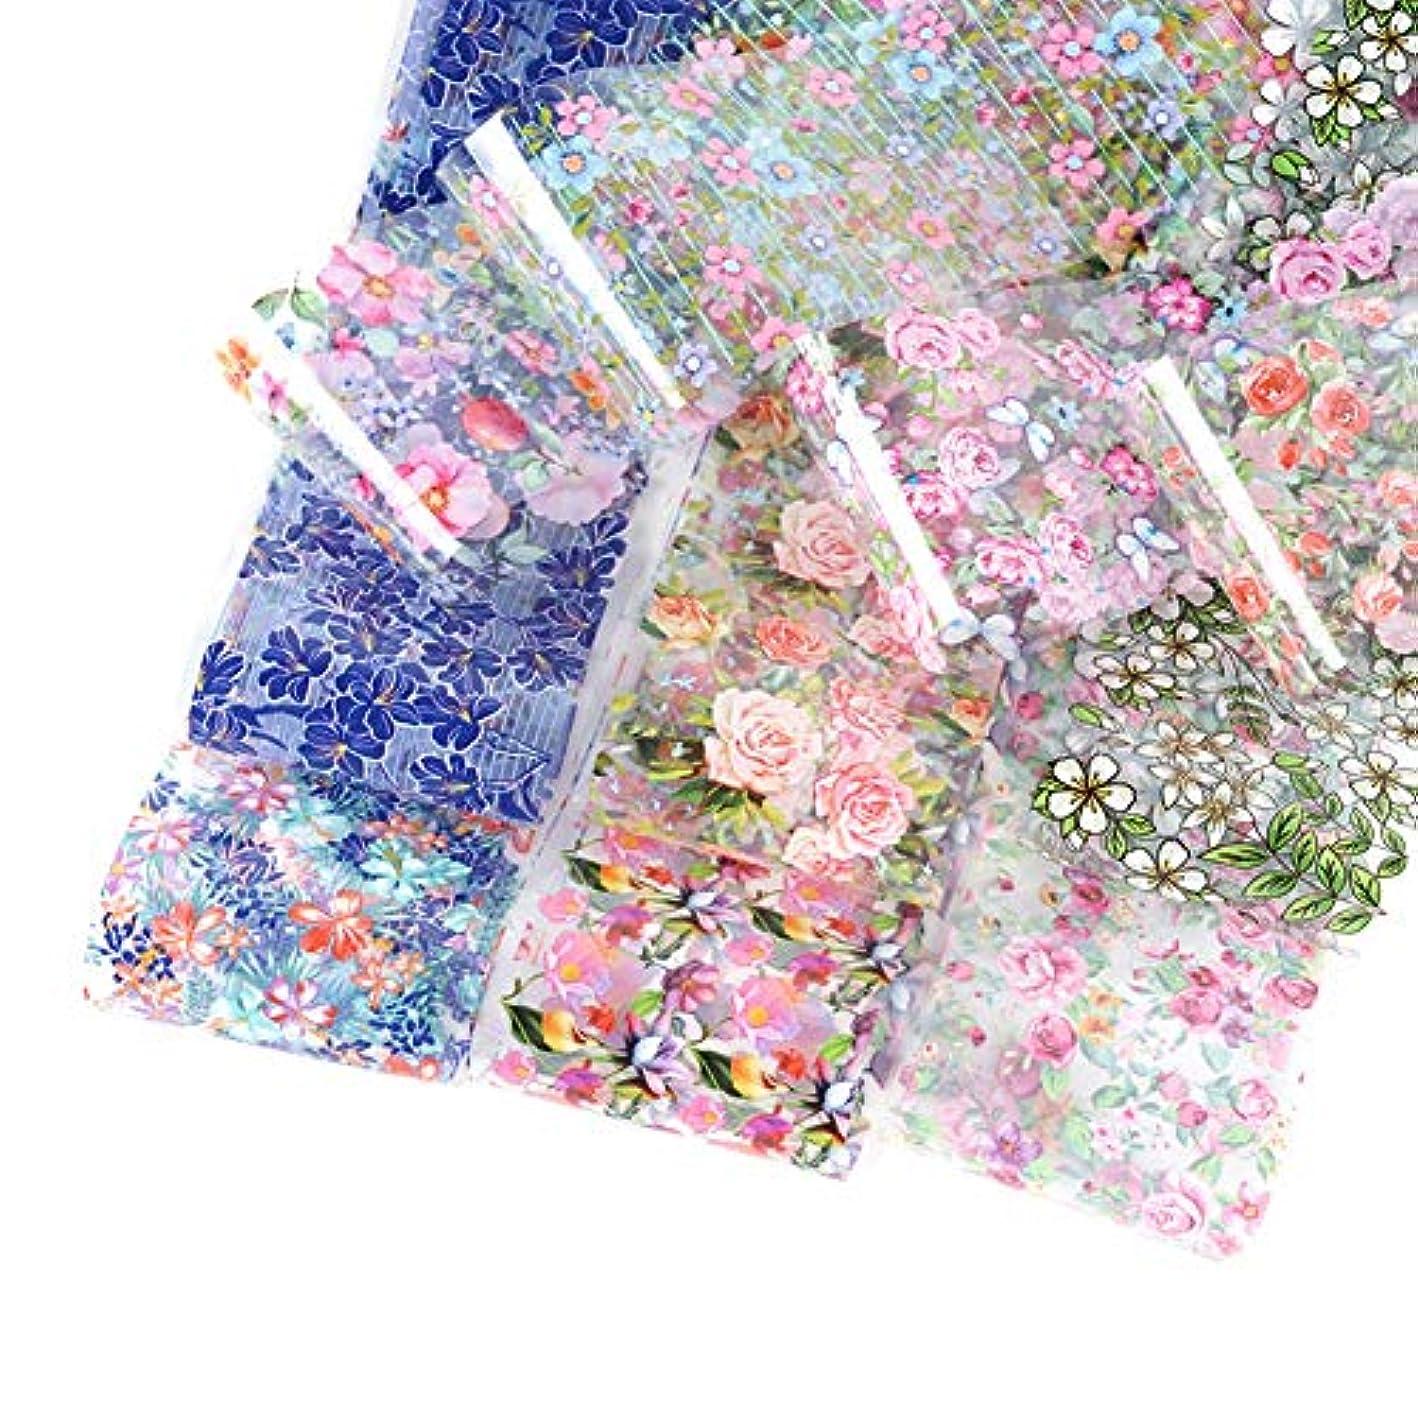 キャベツ宿る承認するRadiya ネイルシール ネイルステッカー 星空ネイル シェル 花柄ネイルホイル 水彩の花 転写ホイル 箔紙 シェルプリント 極薄フィルム 10枚セット